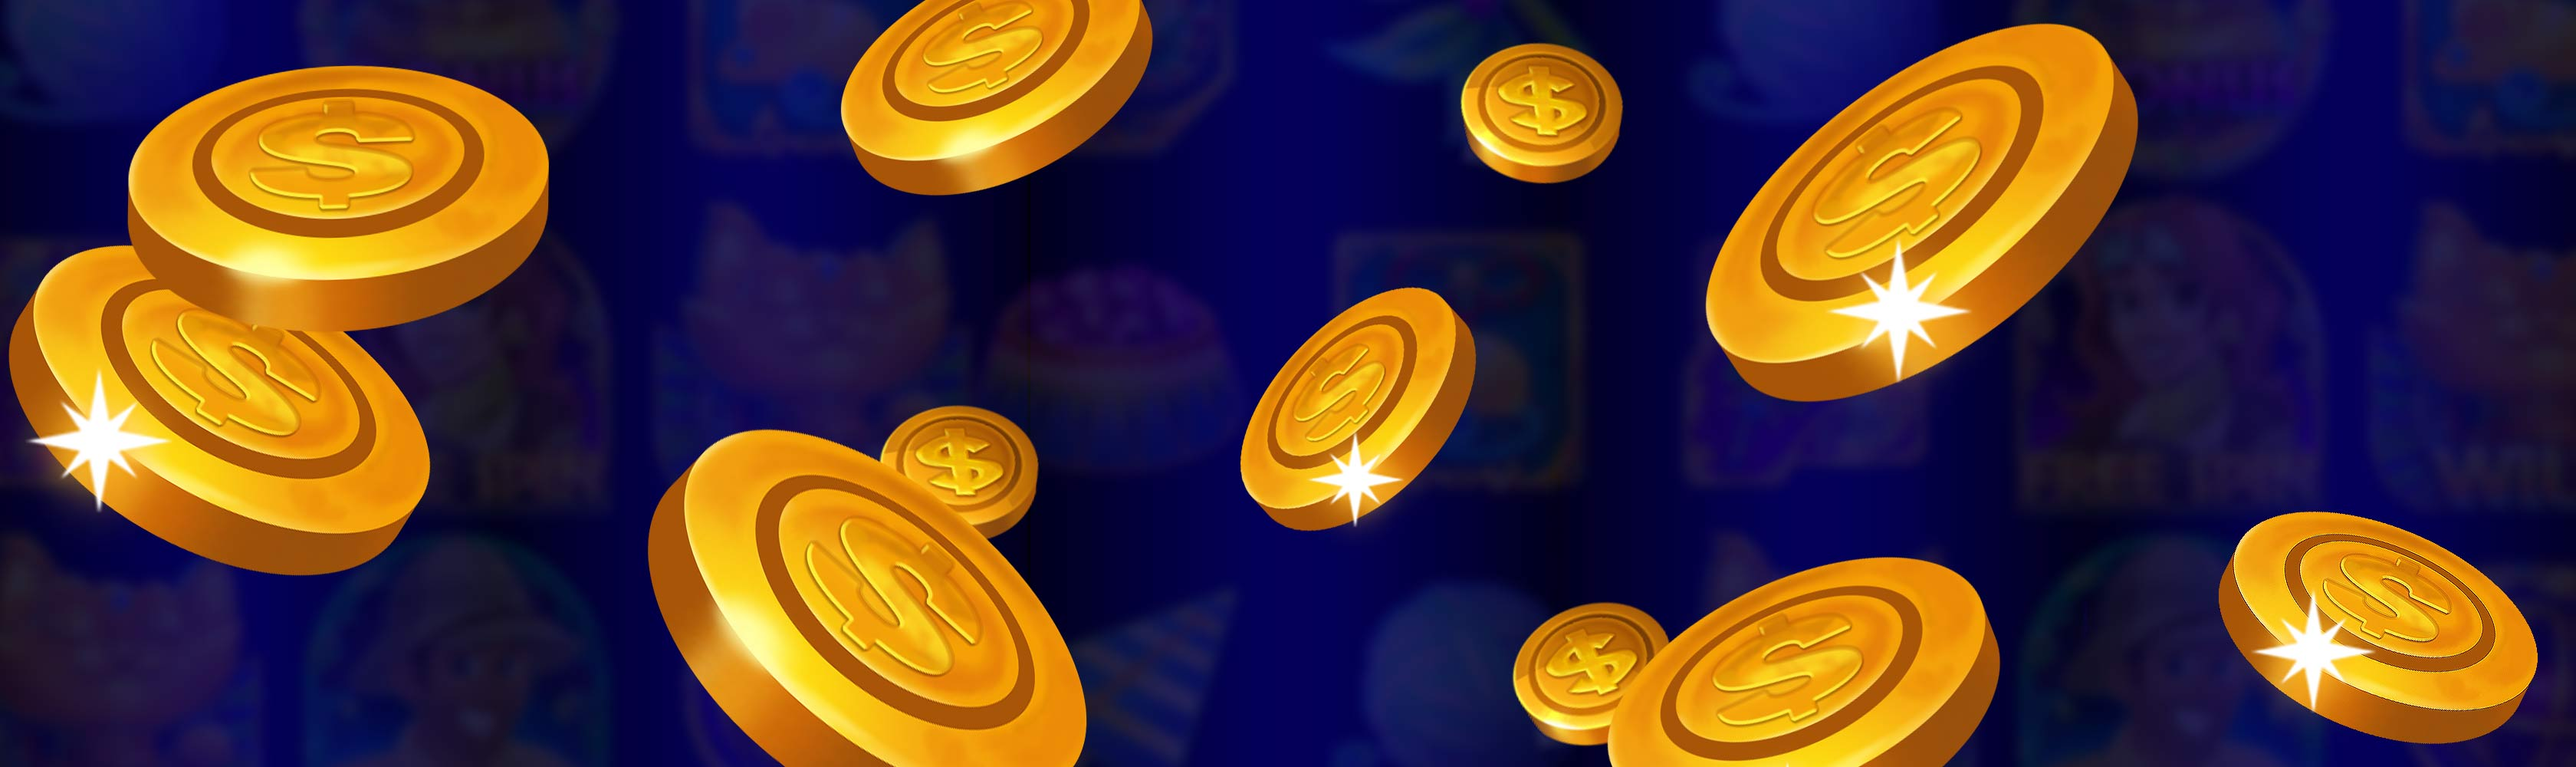 Casino pogo slots beat best casino casino from gambling